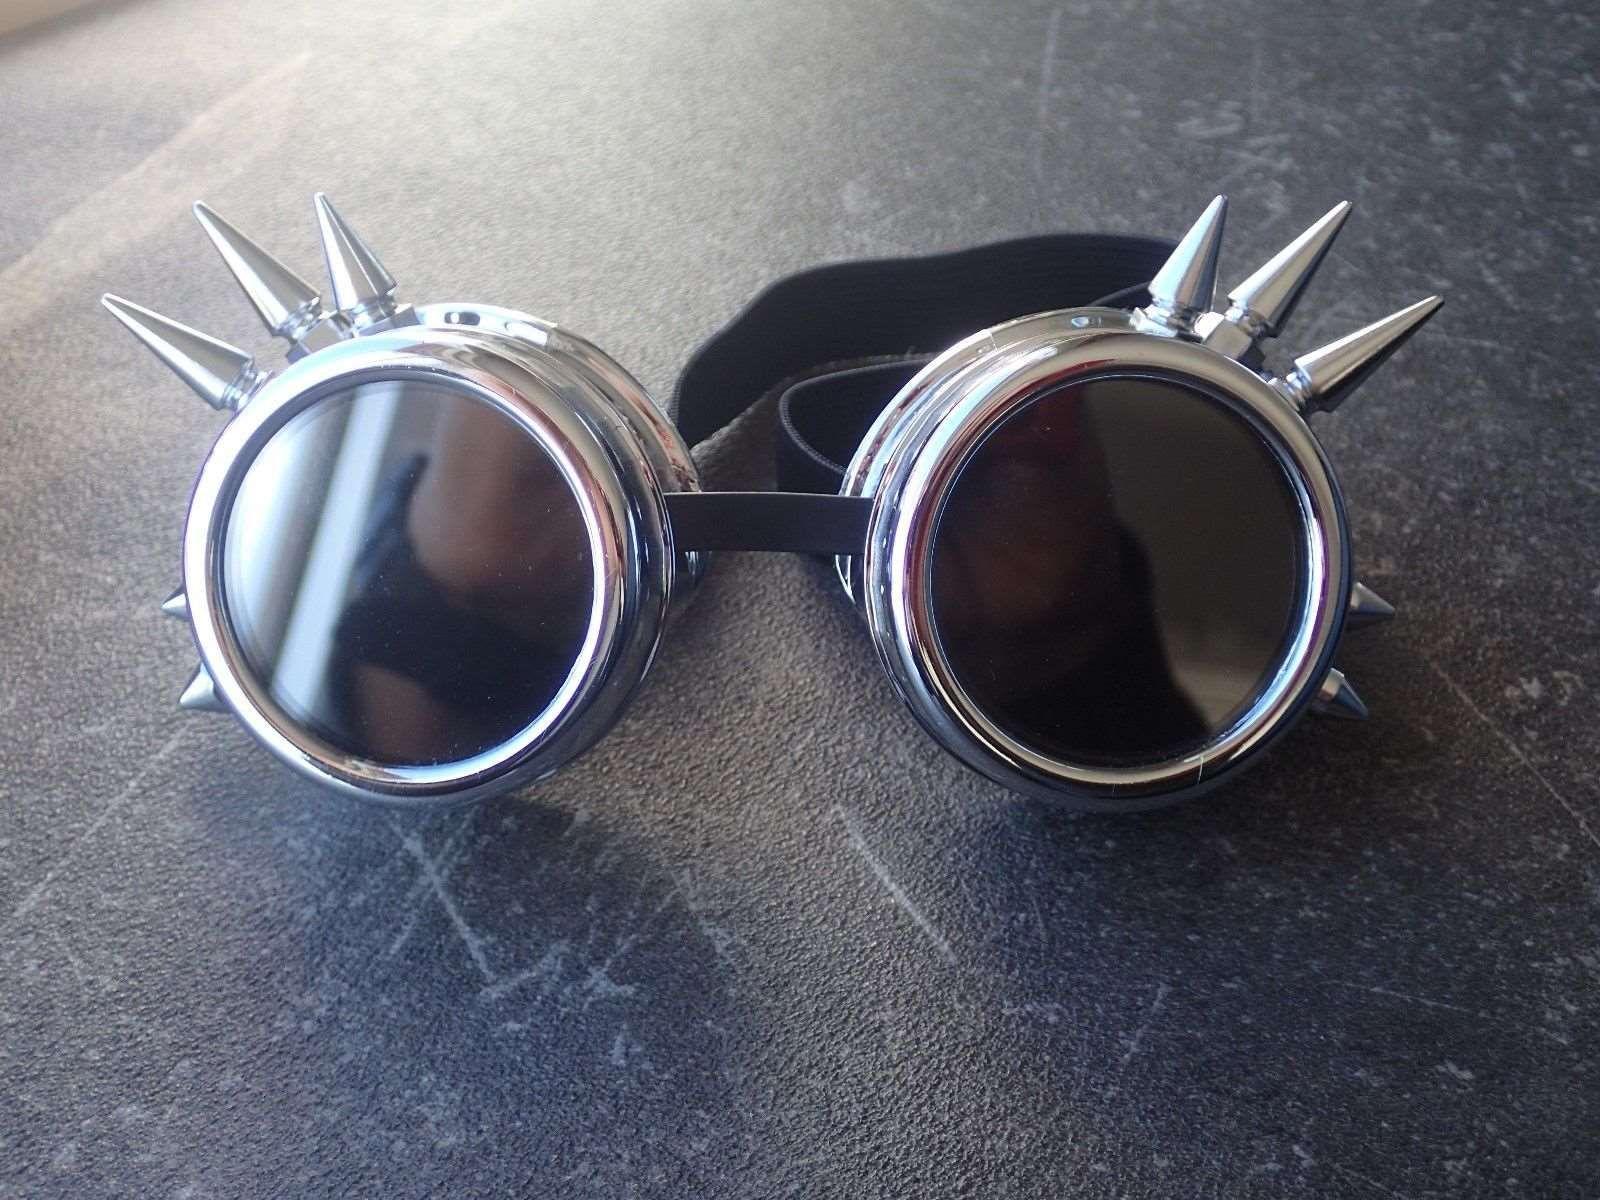 Safurance Mode Silber Steampunk Schutzbrillen Spikey Brennen Mann Kostüm Cosplay Gothic Punk Schutzbrille